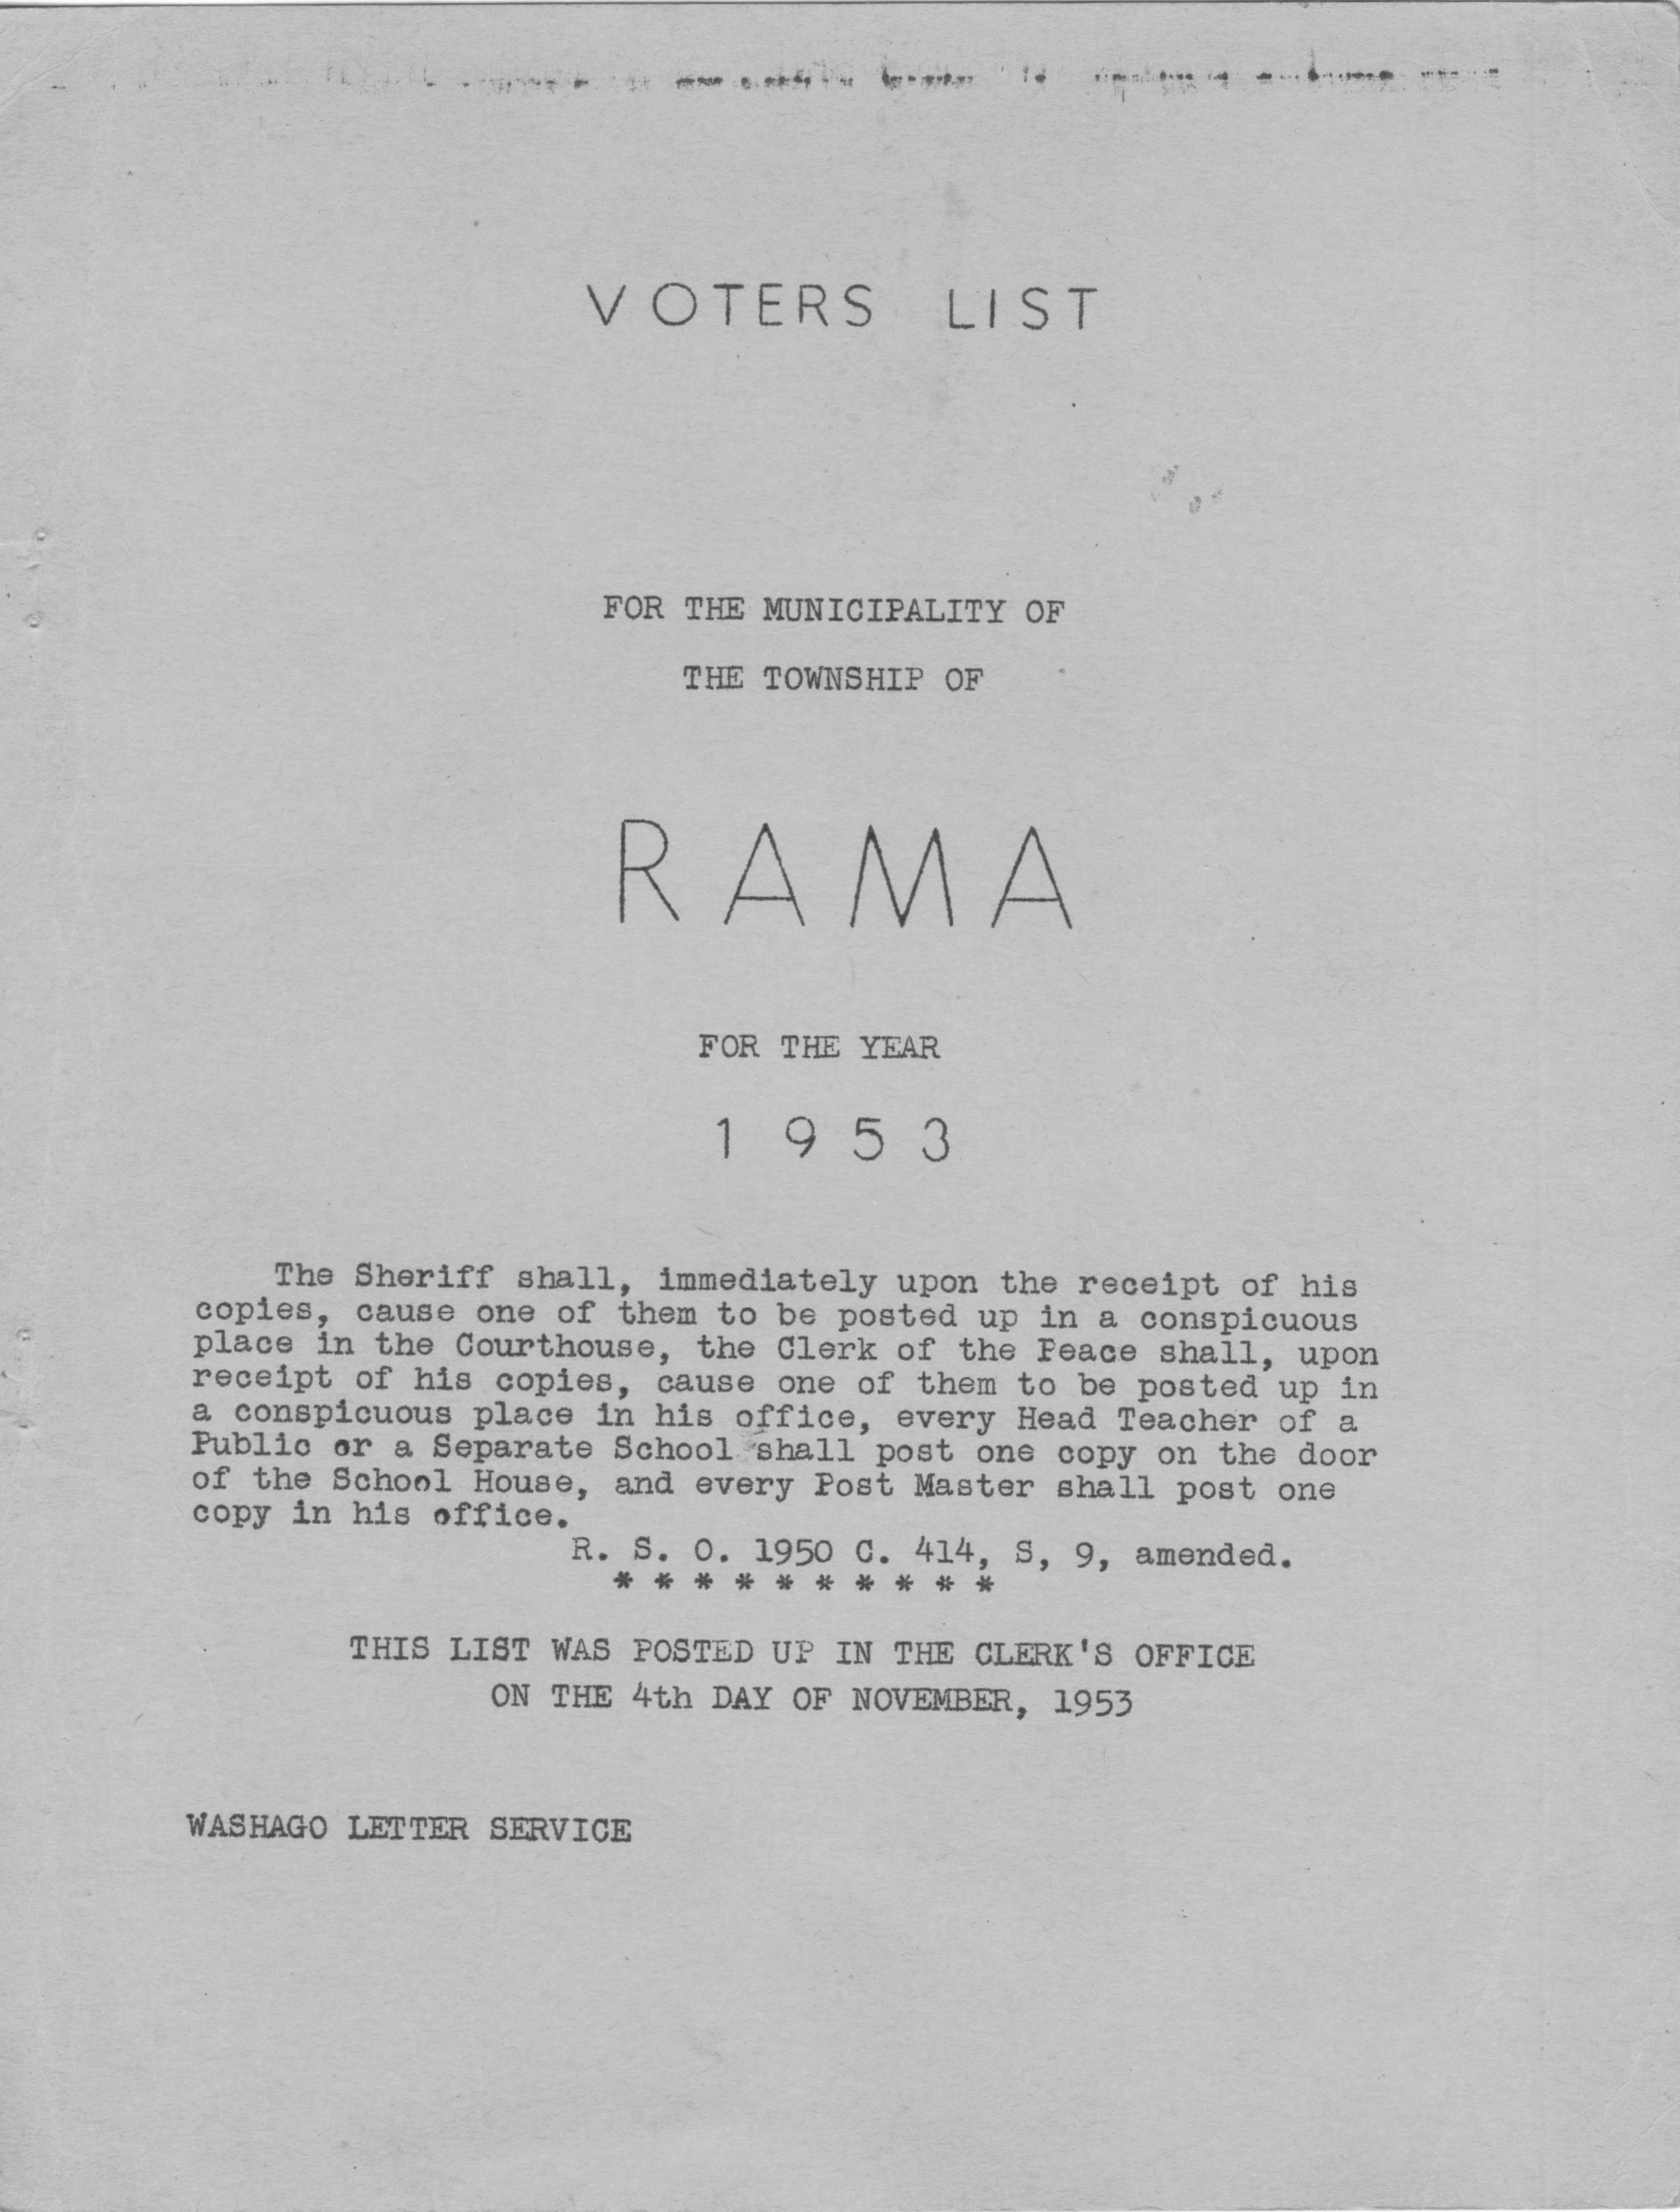 rama voters list ft 1 - rama voters list ft 1